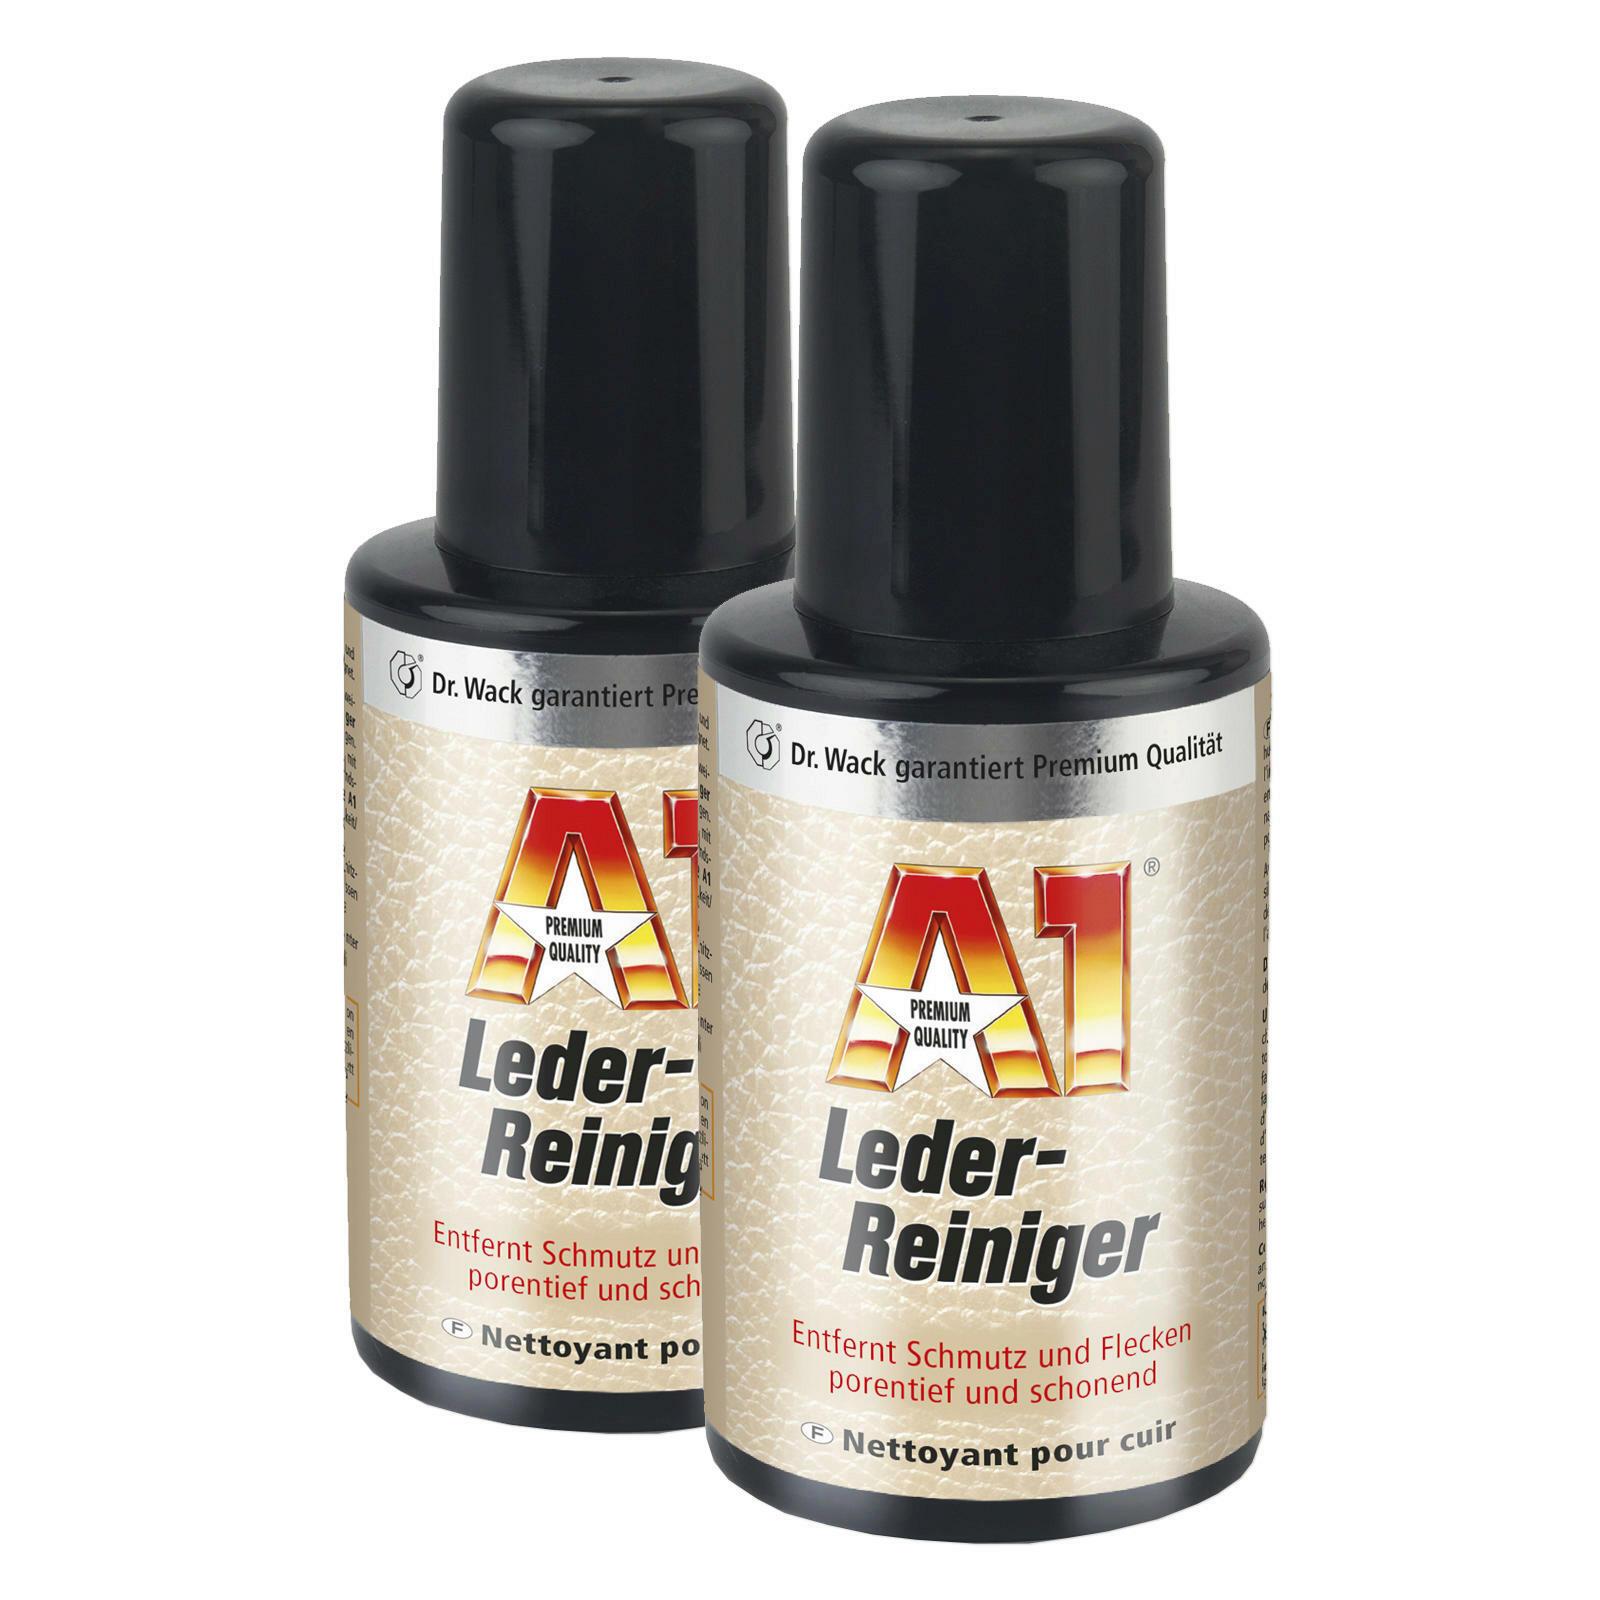 2x Dr. Wack A1 Lederreiniger 250 ML ATL porentiefe Reinigung ideal für helles Leder